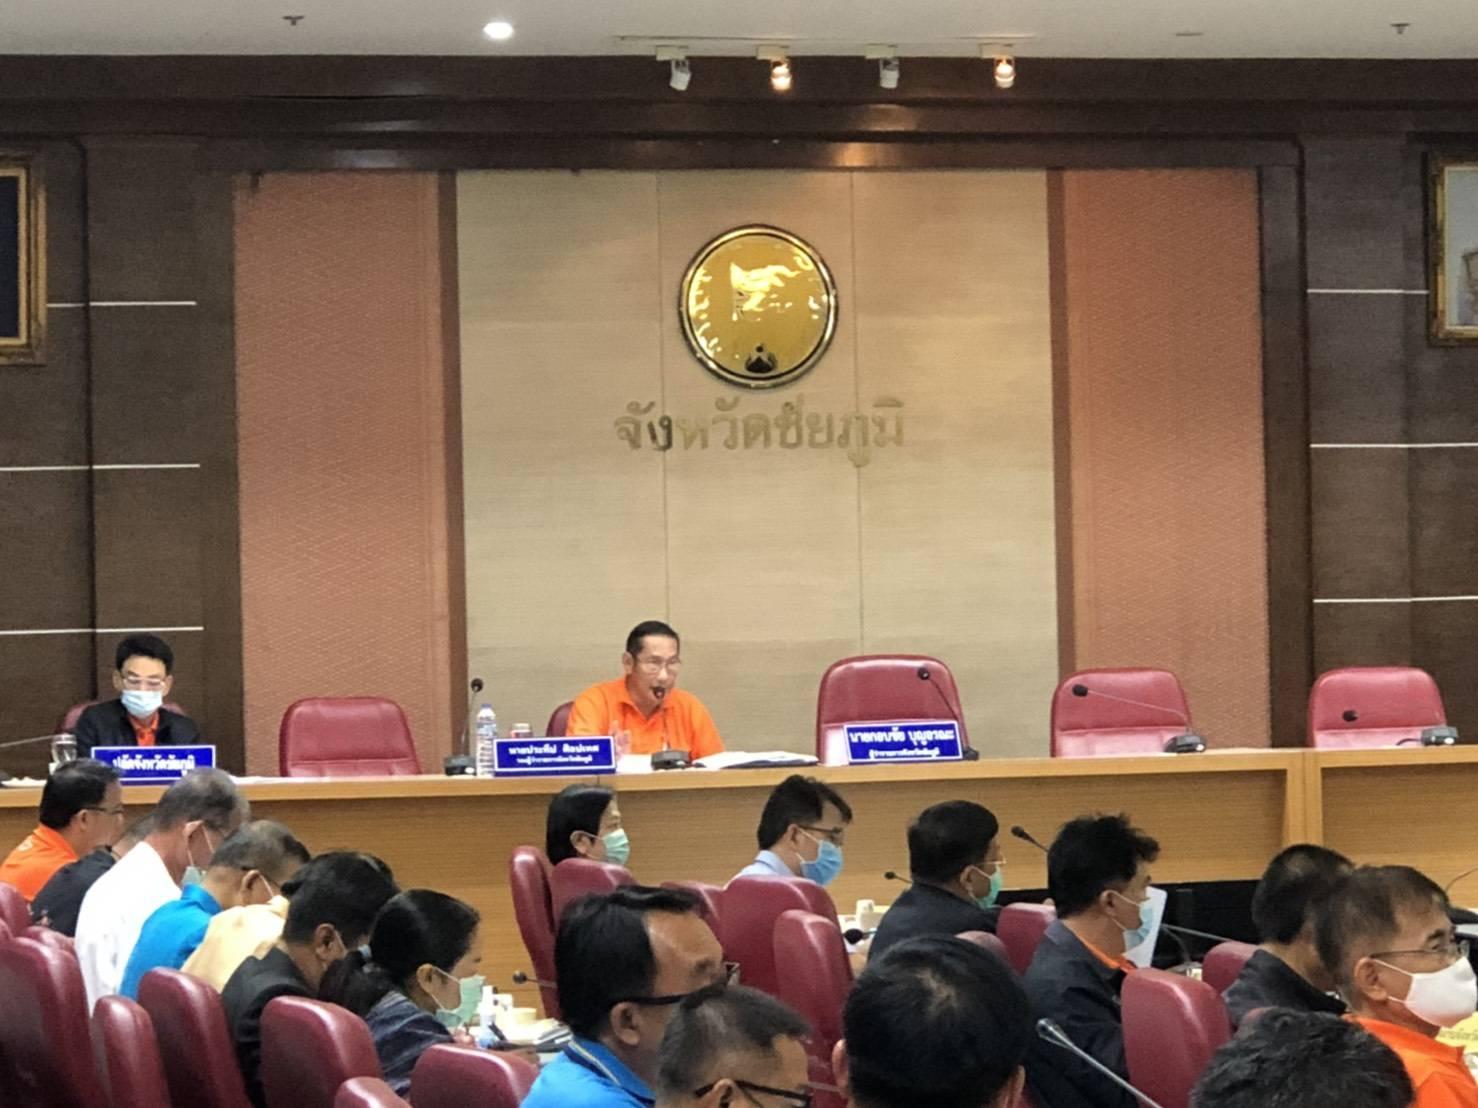 การประชุมคณะกรรมการขับเคลื่อนไทยไปด้วยกันจังหวัดชัยภูมิครั้งที่ 2/2564 ณ ห้องประชุมพญาแล ชั้น 5 ศาลากลางจังหวัดชัยภูมิ